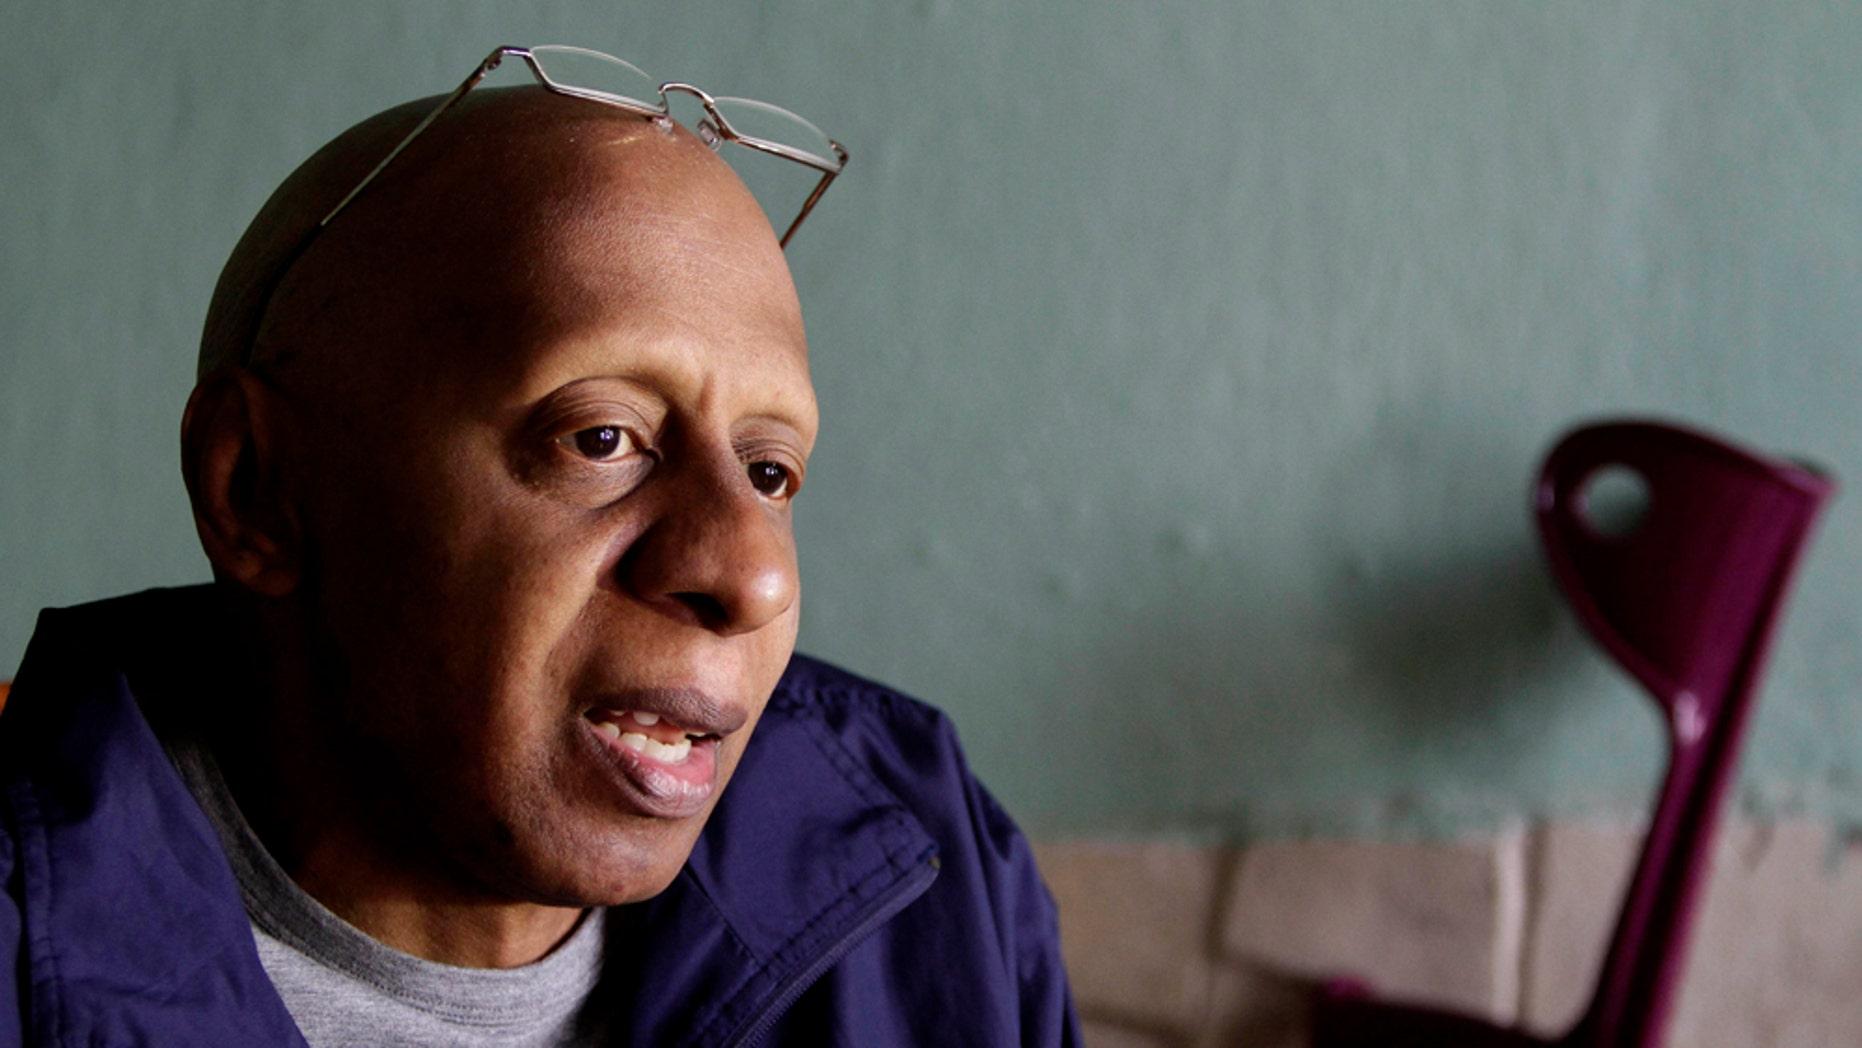 En esta fotografía del 15 de diciembre del 2010, el disidente cubano Guillermo Fariñas habla en una entrevista con The Associated Press en Santa Clara, Cuba. Fariñas fue detenido el miércoles 26 de enero del 2011, según familiares y fuentes de la oposición (AP Foto/Franklin Reyes, archivo)